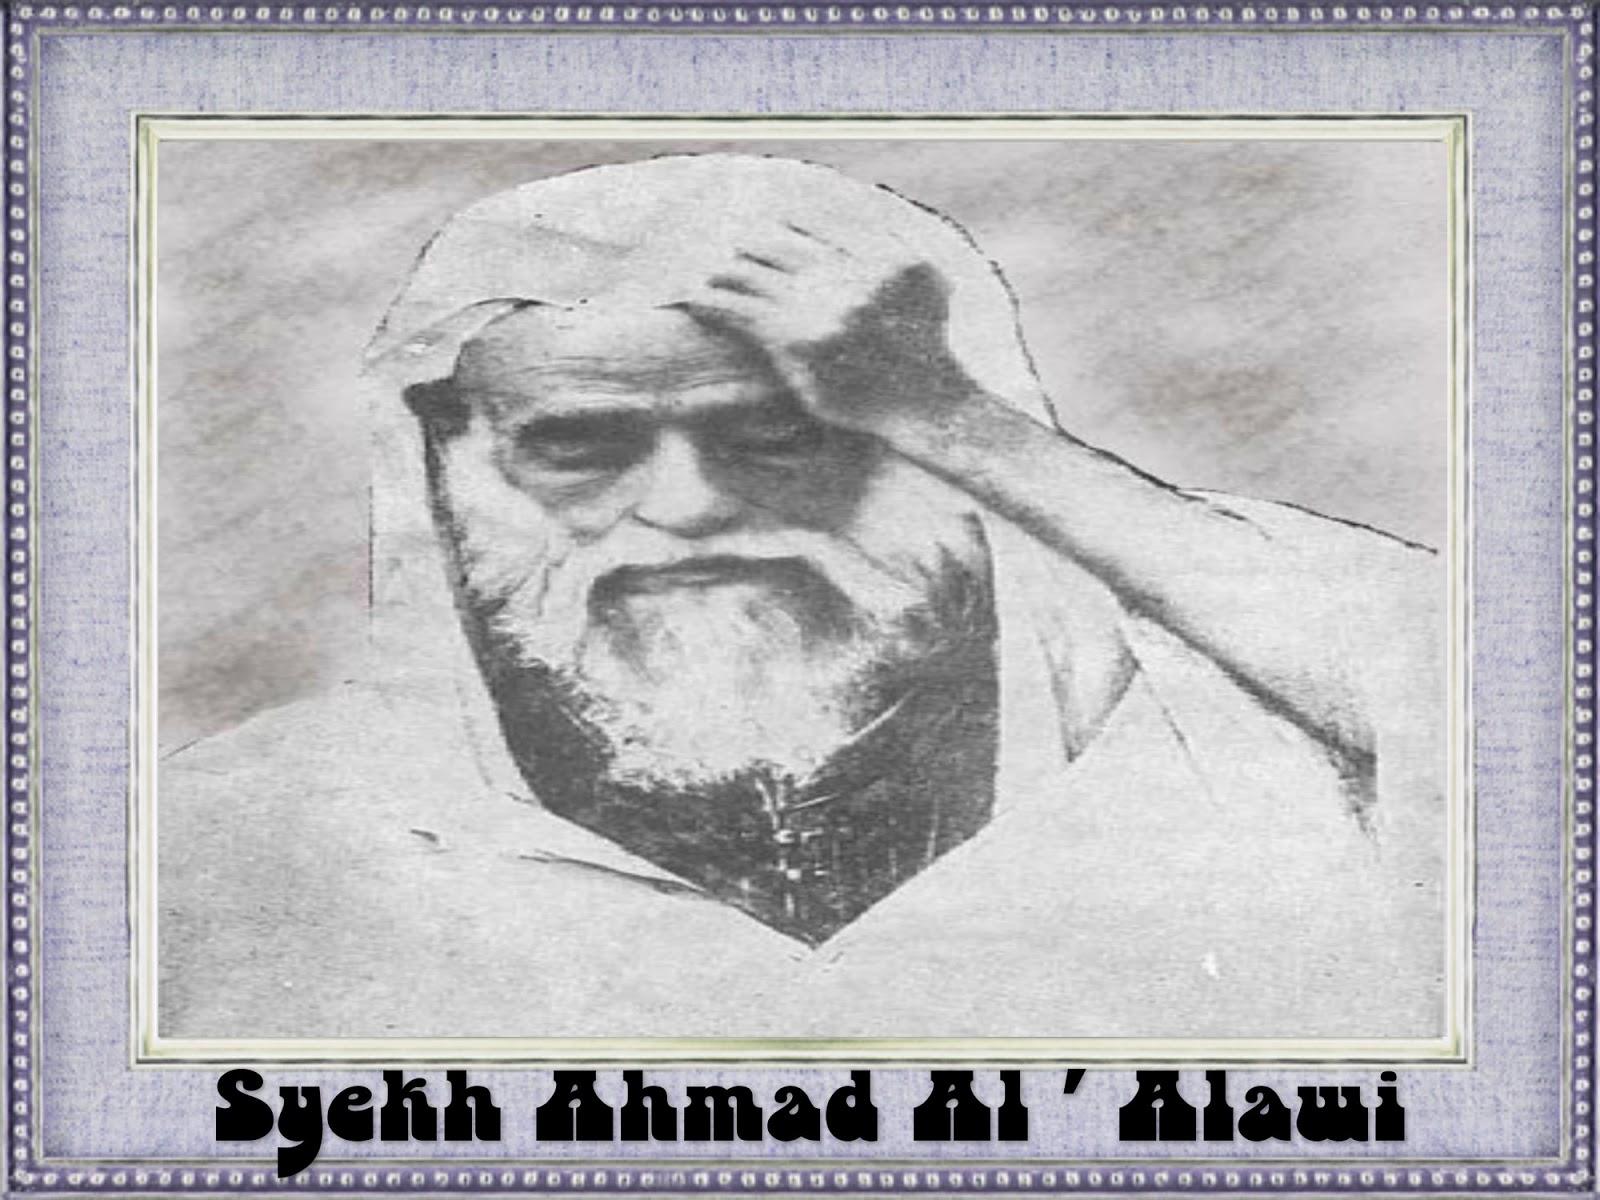 Mimpi Bertemu Nabi Saw dan Pesan Sufi Ubah Hidup Syekh Alawi